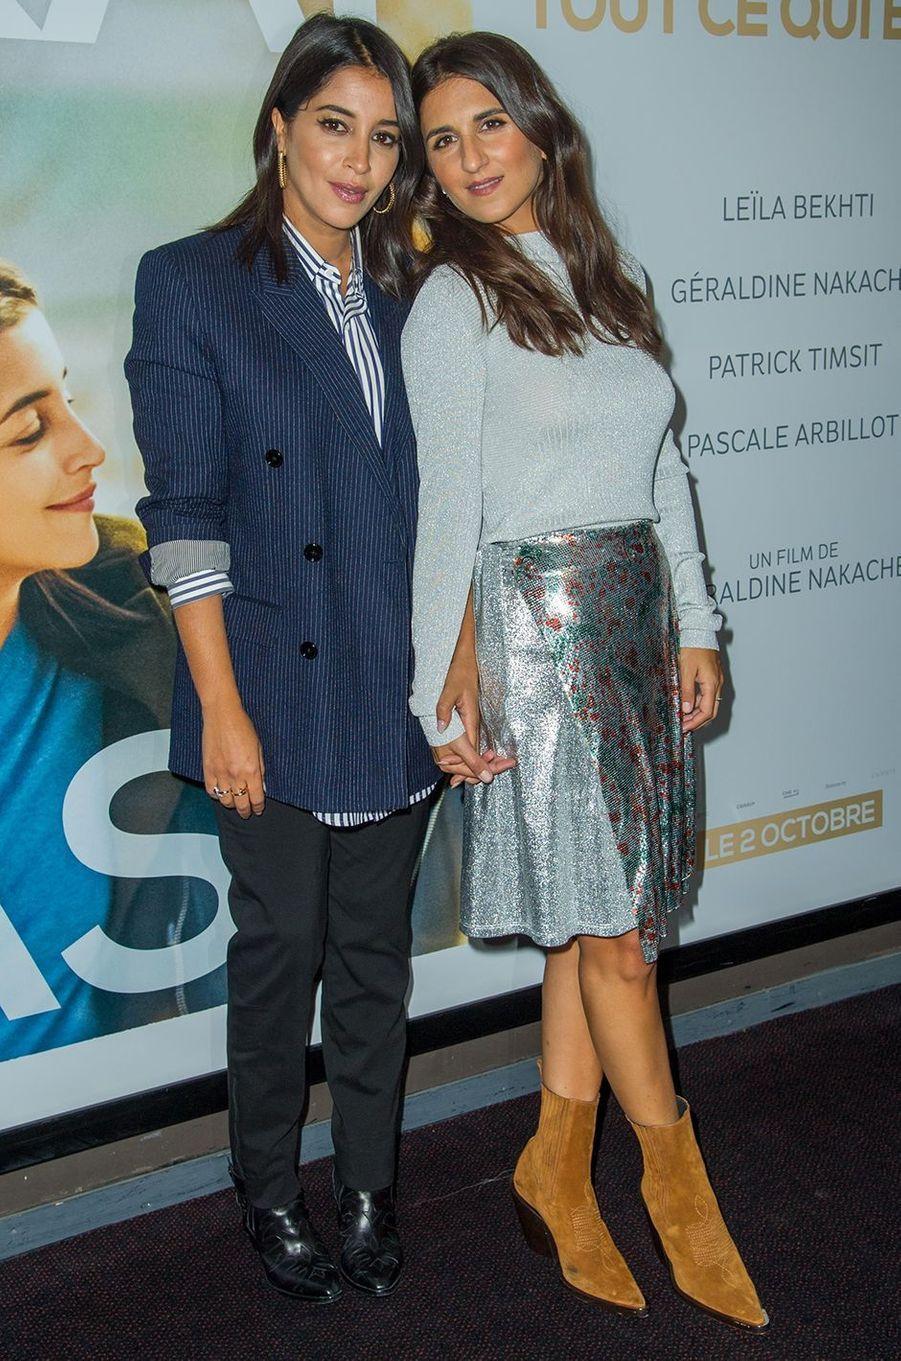 Leïla Bekhti et Géraldine Nakache : comme des soeurs. Rencontrées au milieu des années 2000, elles ont collaboré ensemble sur les films «Tout ce qui brille», «Nous York» et plus récemment «J'irai où tu iras».